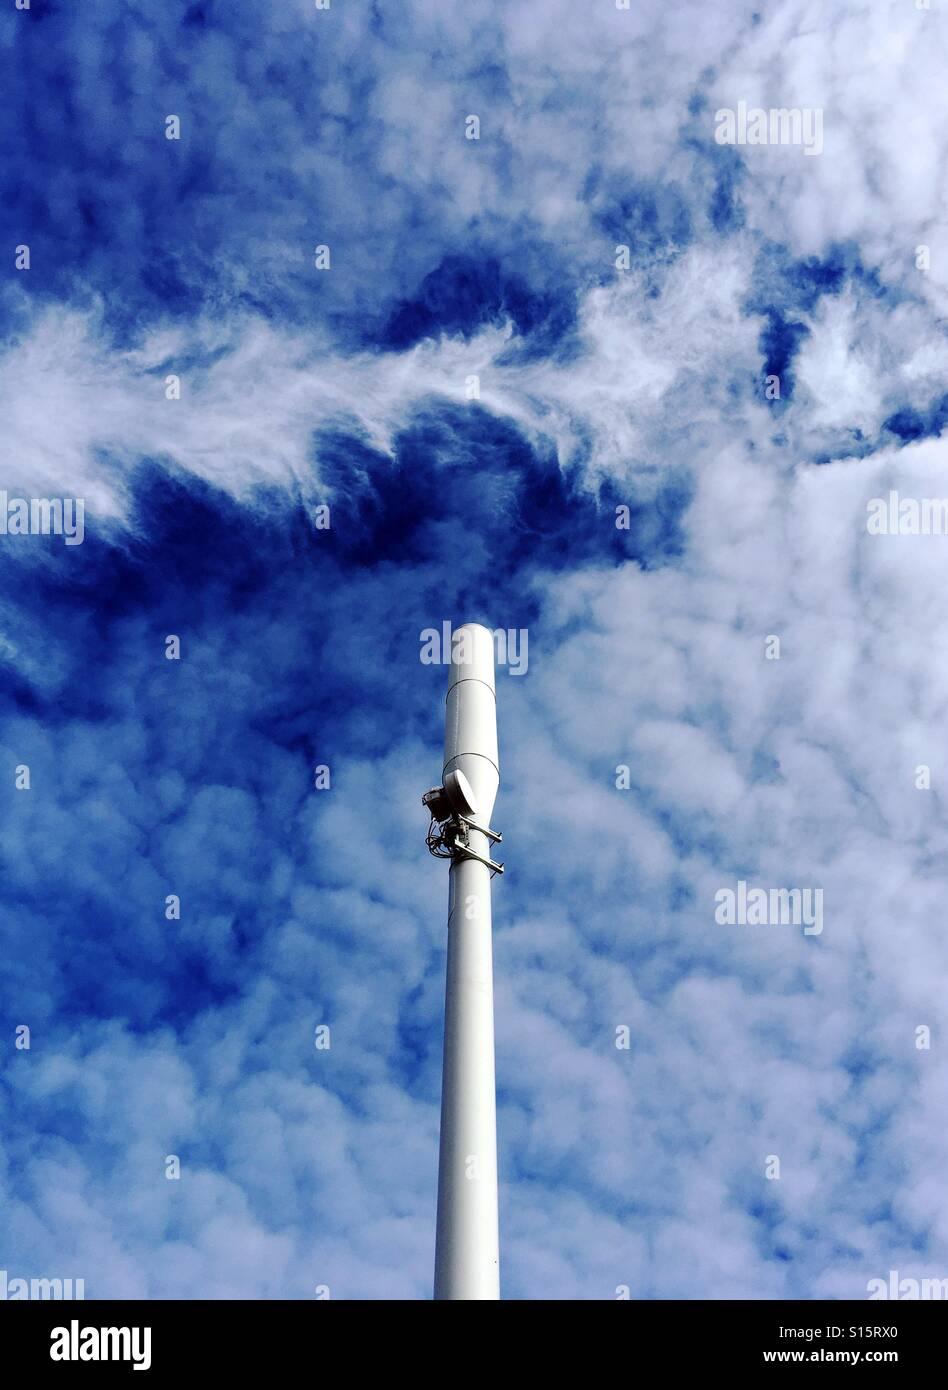 Una Simulazione Di Kodachrome Immagine Di Un Telefono Mobile Il